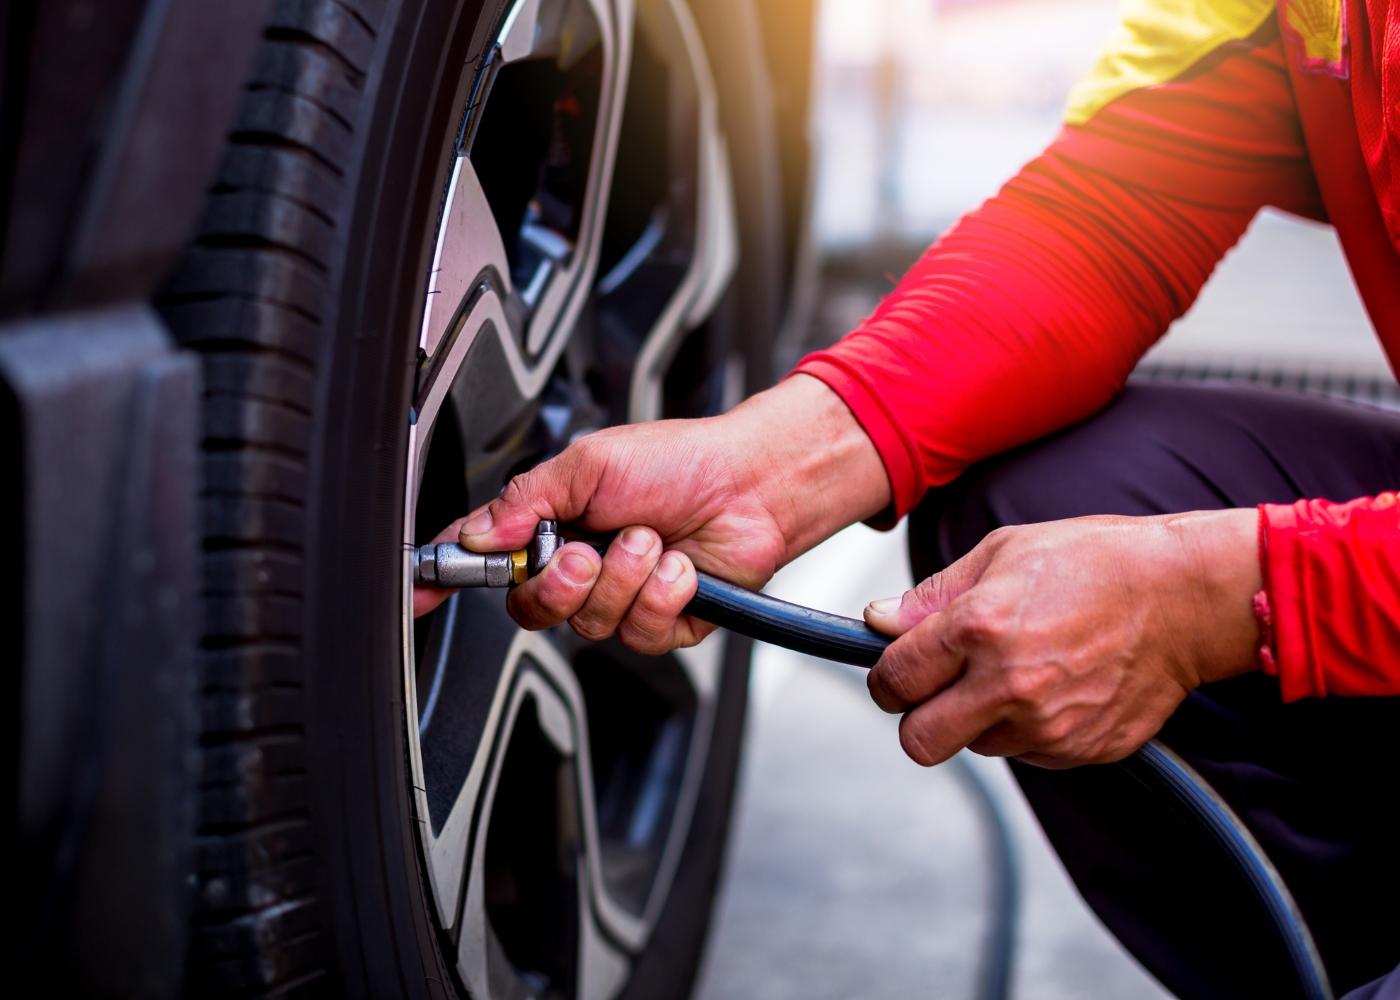 mecânico a verificar a pressão dos pneus